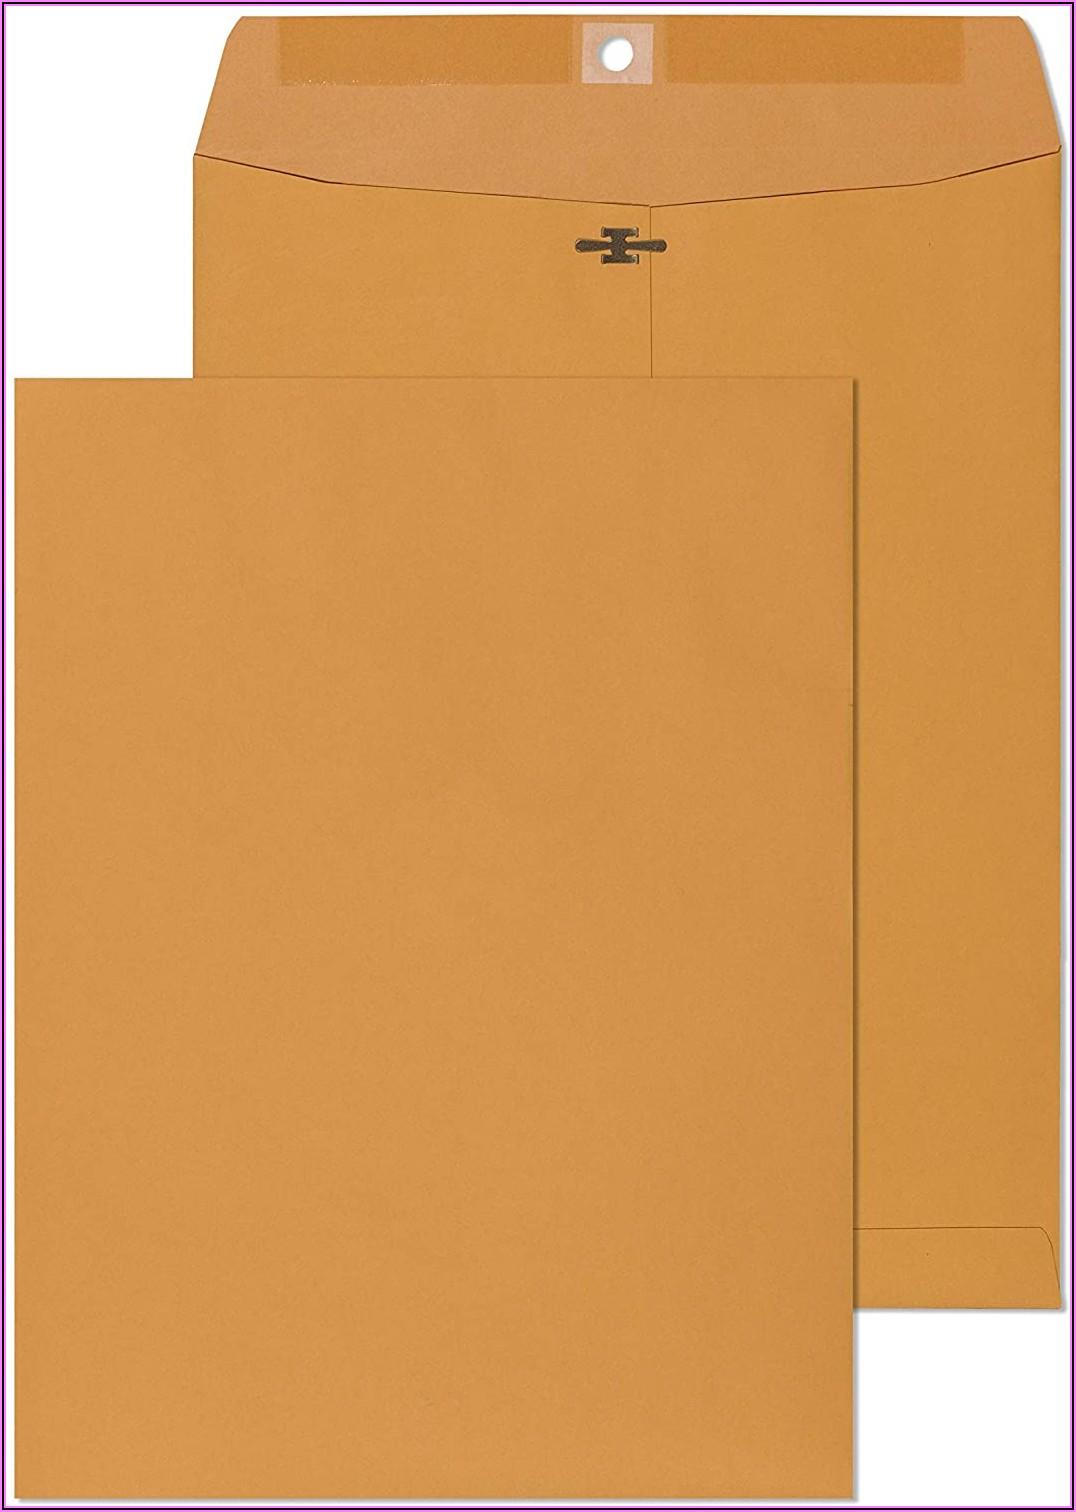 9x12 Manila Envelope Weight